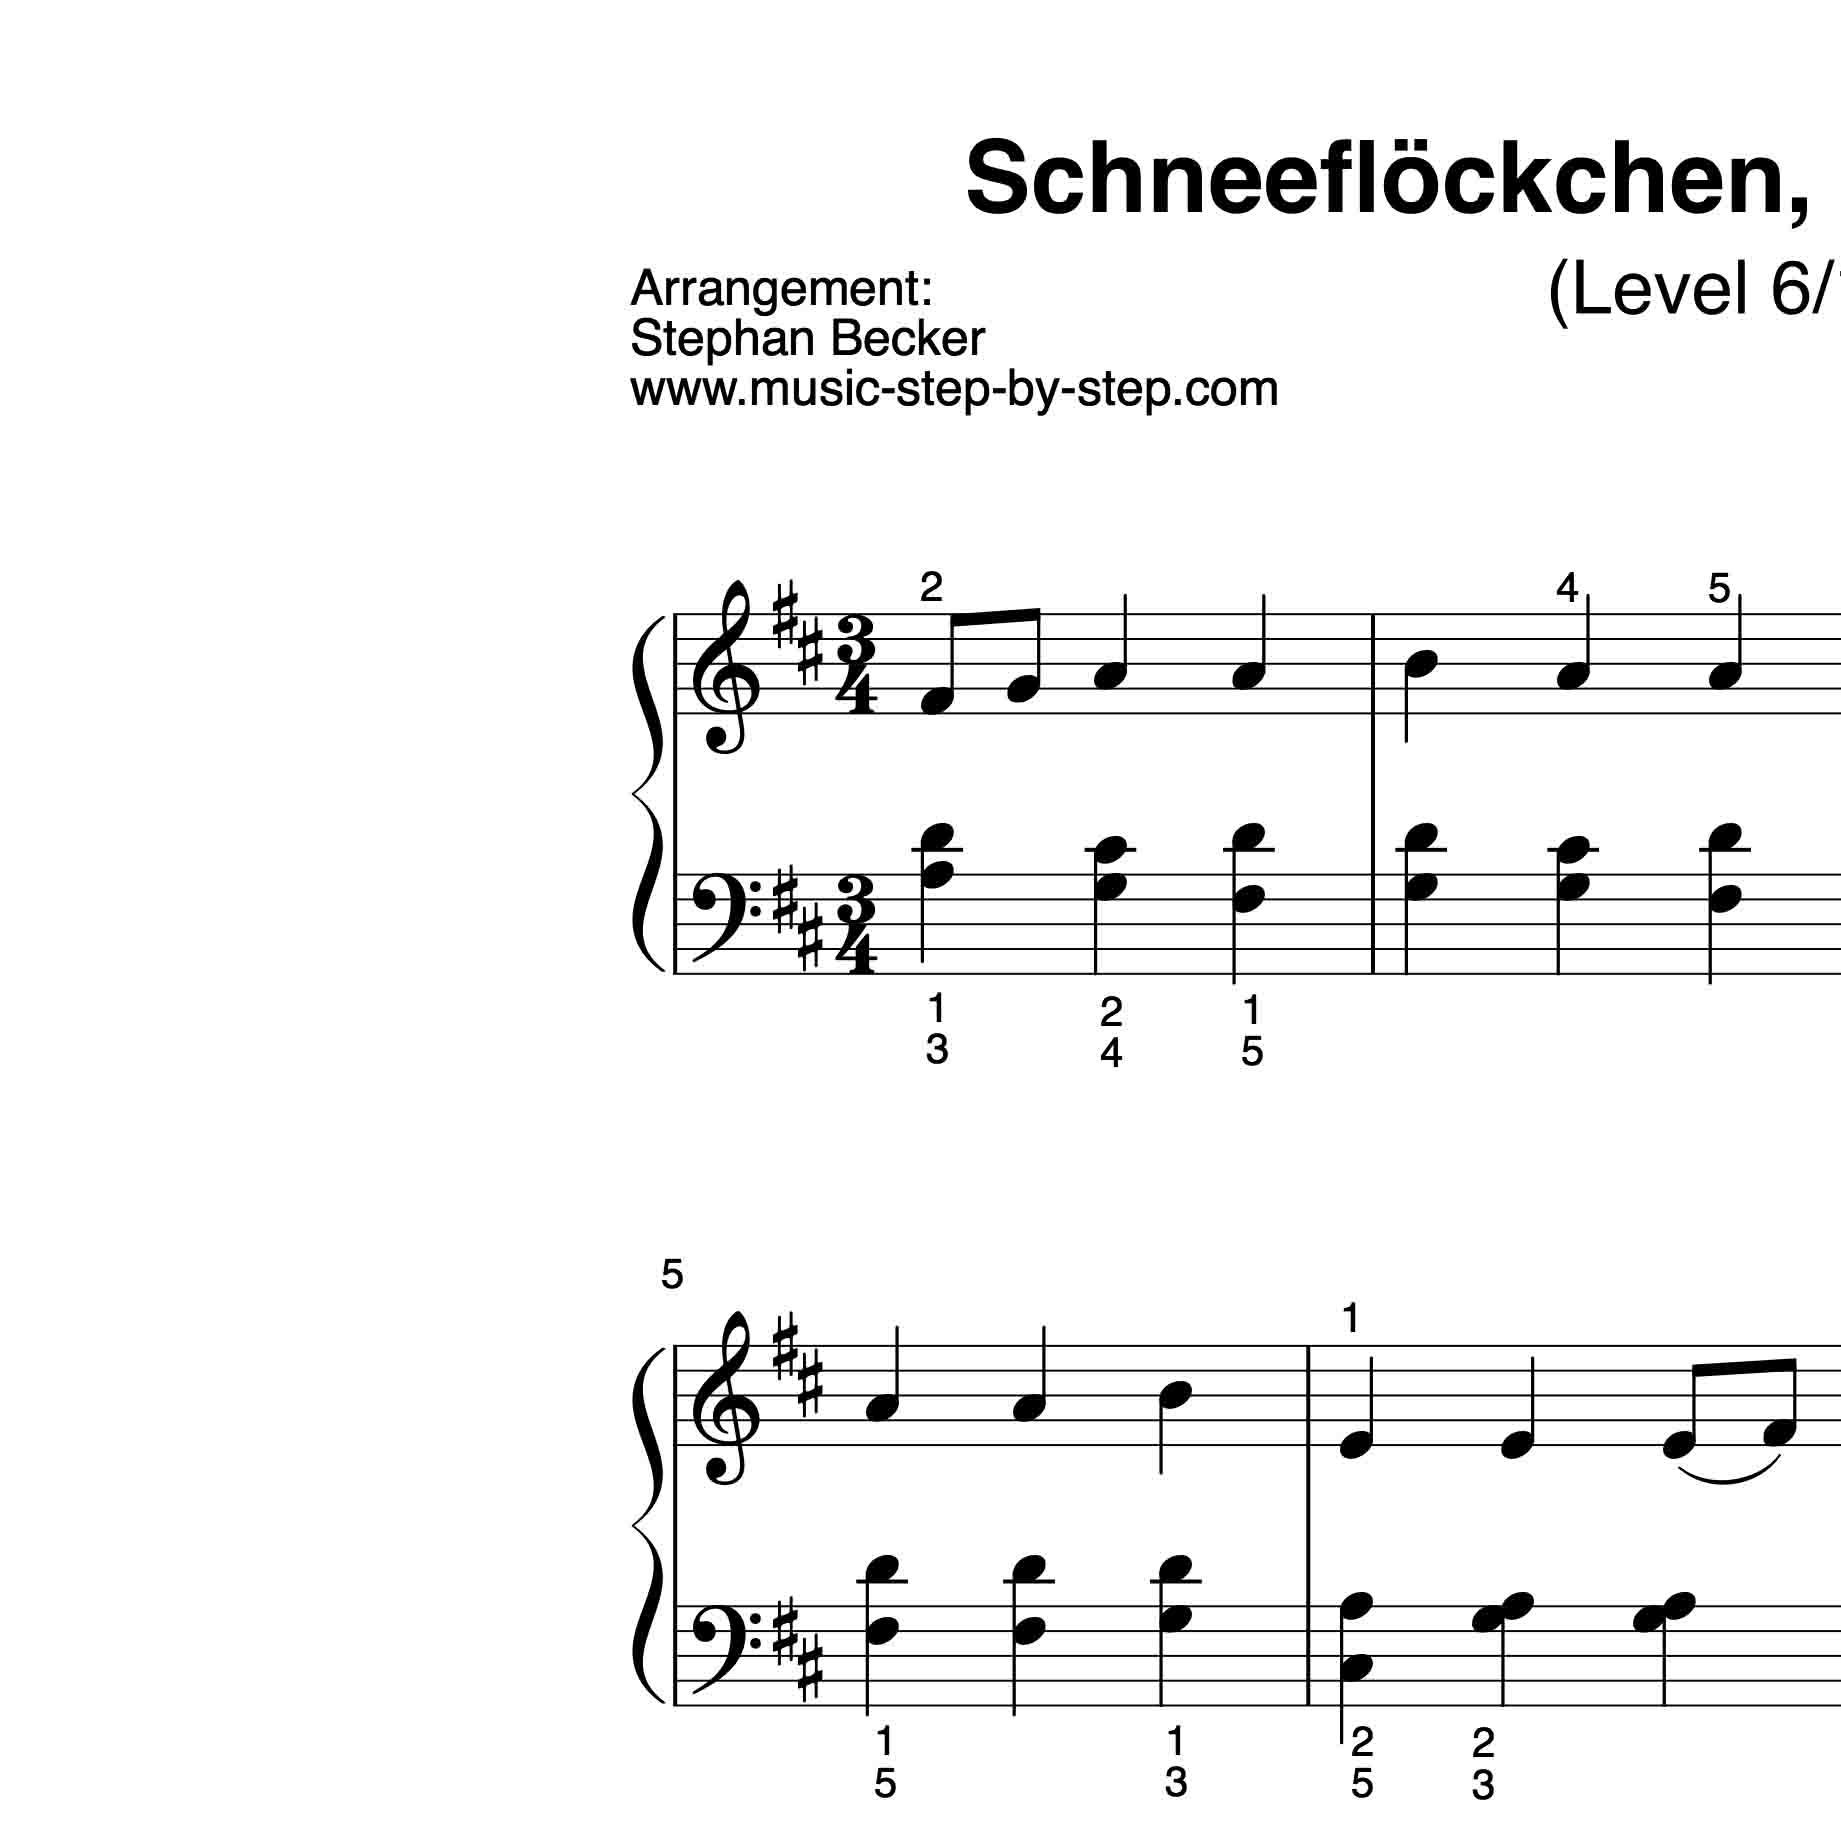 Schneeflöckchen Weißröckchen Für Klavier Mit Aufnahme